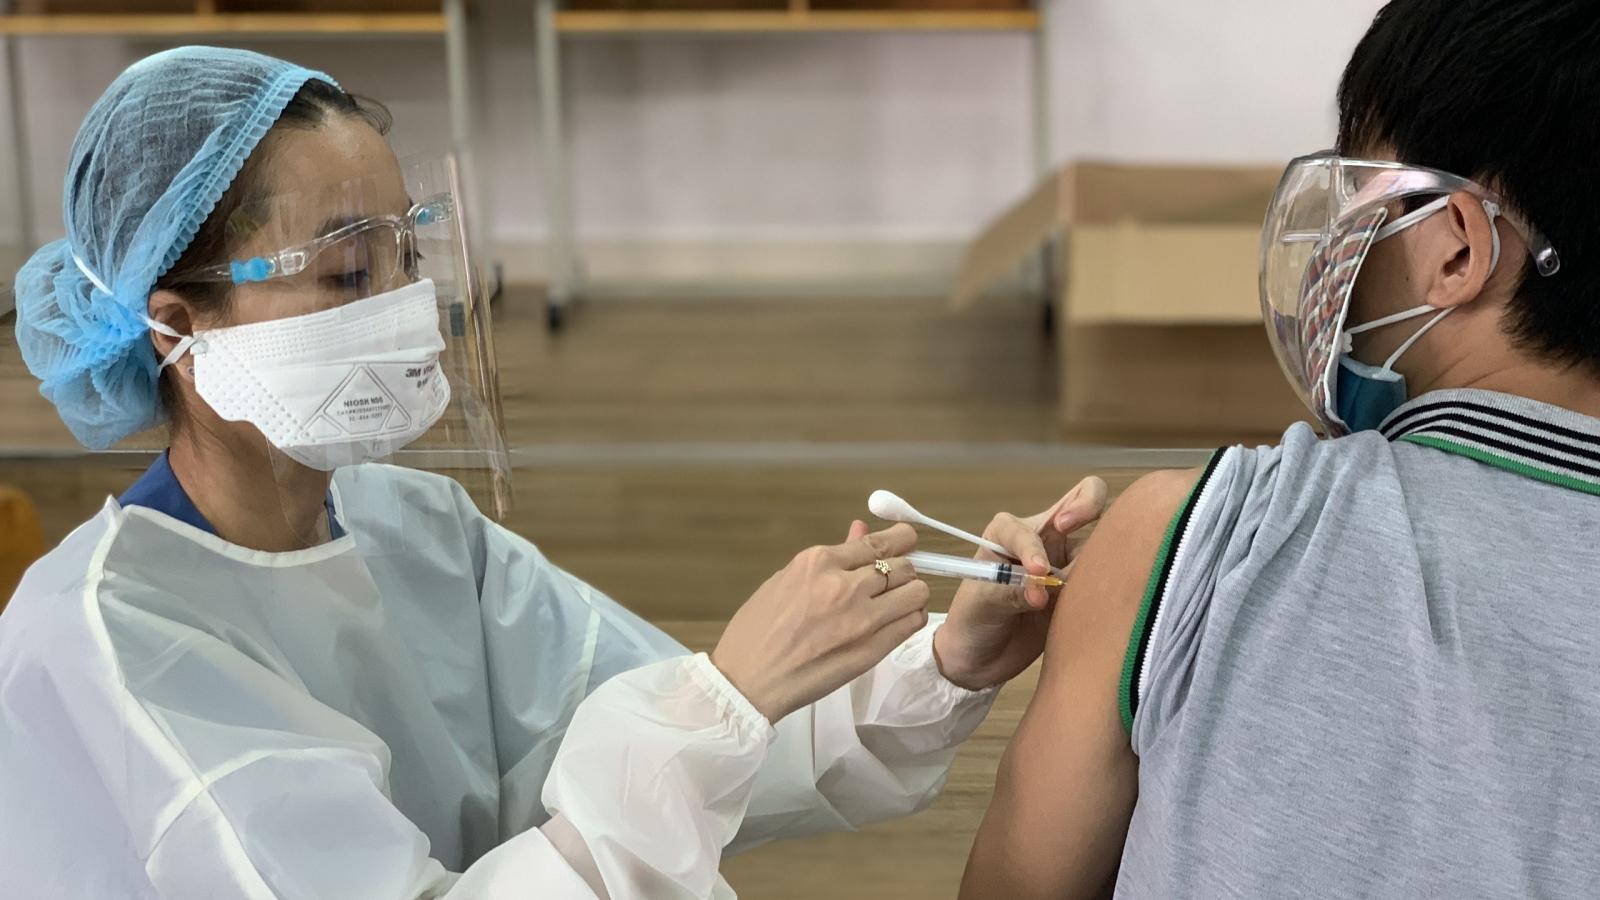 TP.HCM huy động thêm nhân lực, tăng tốc tiêm chủng vaccine ngừa Covid-19